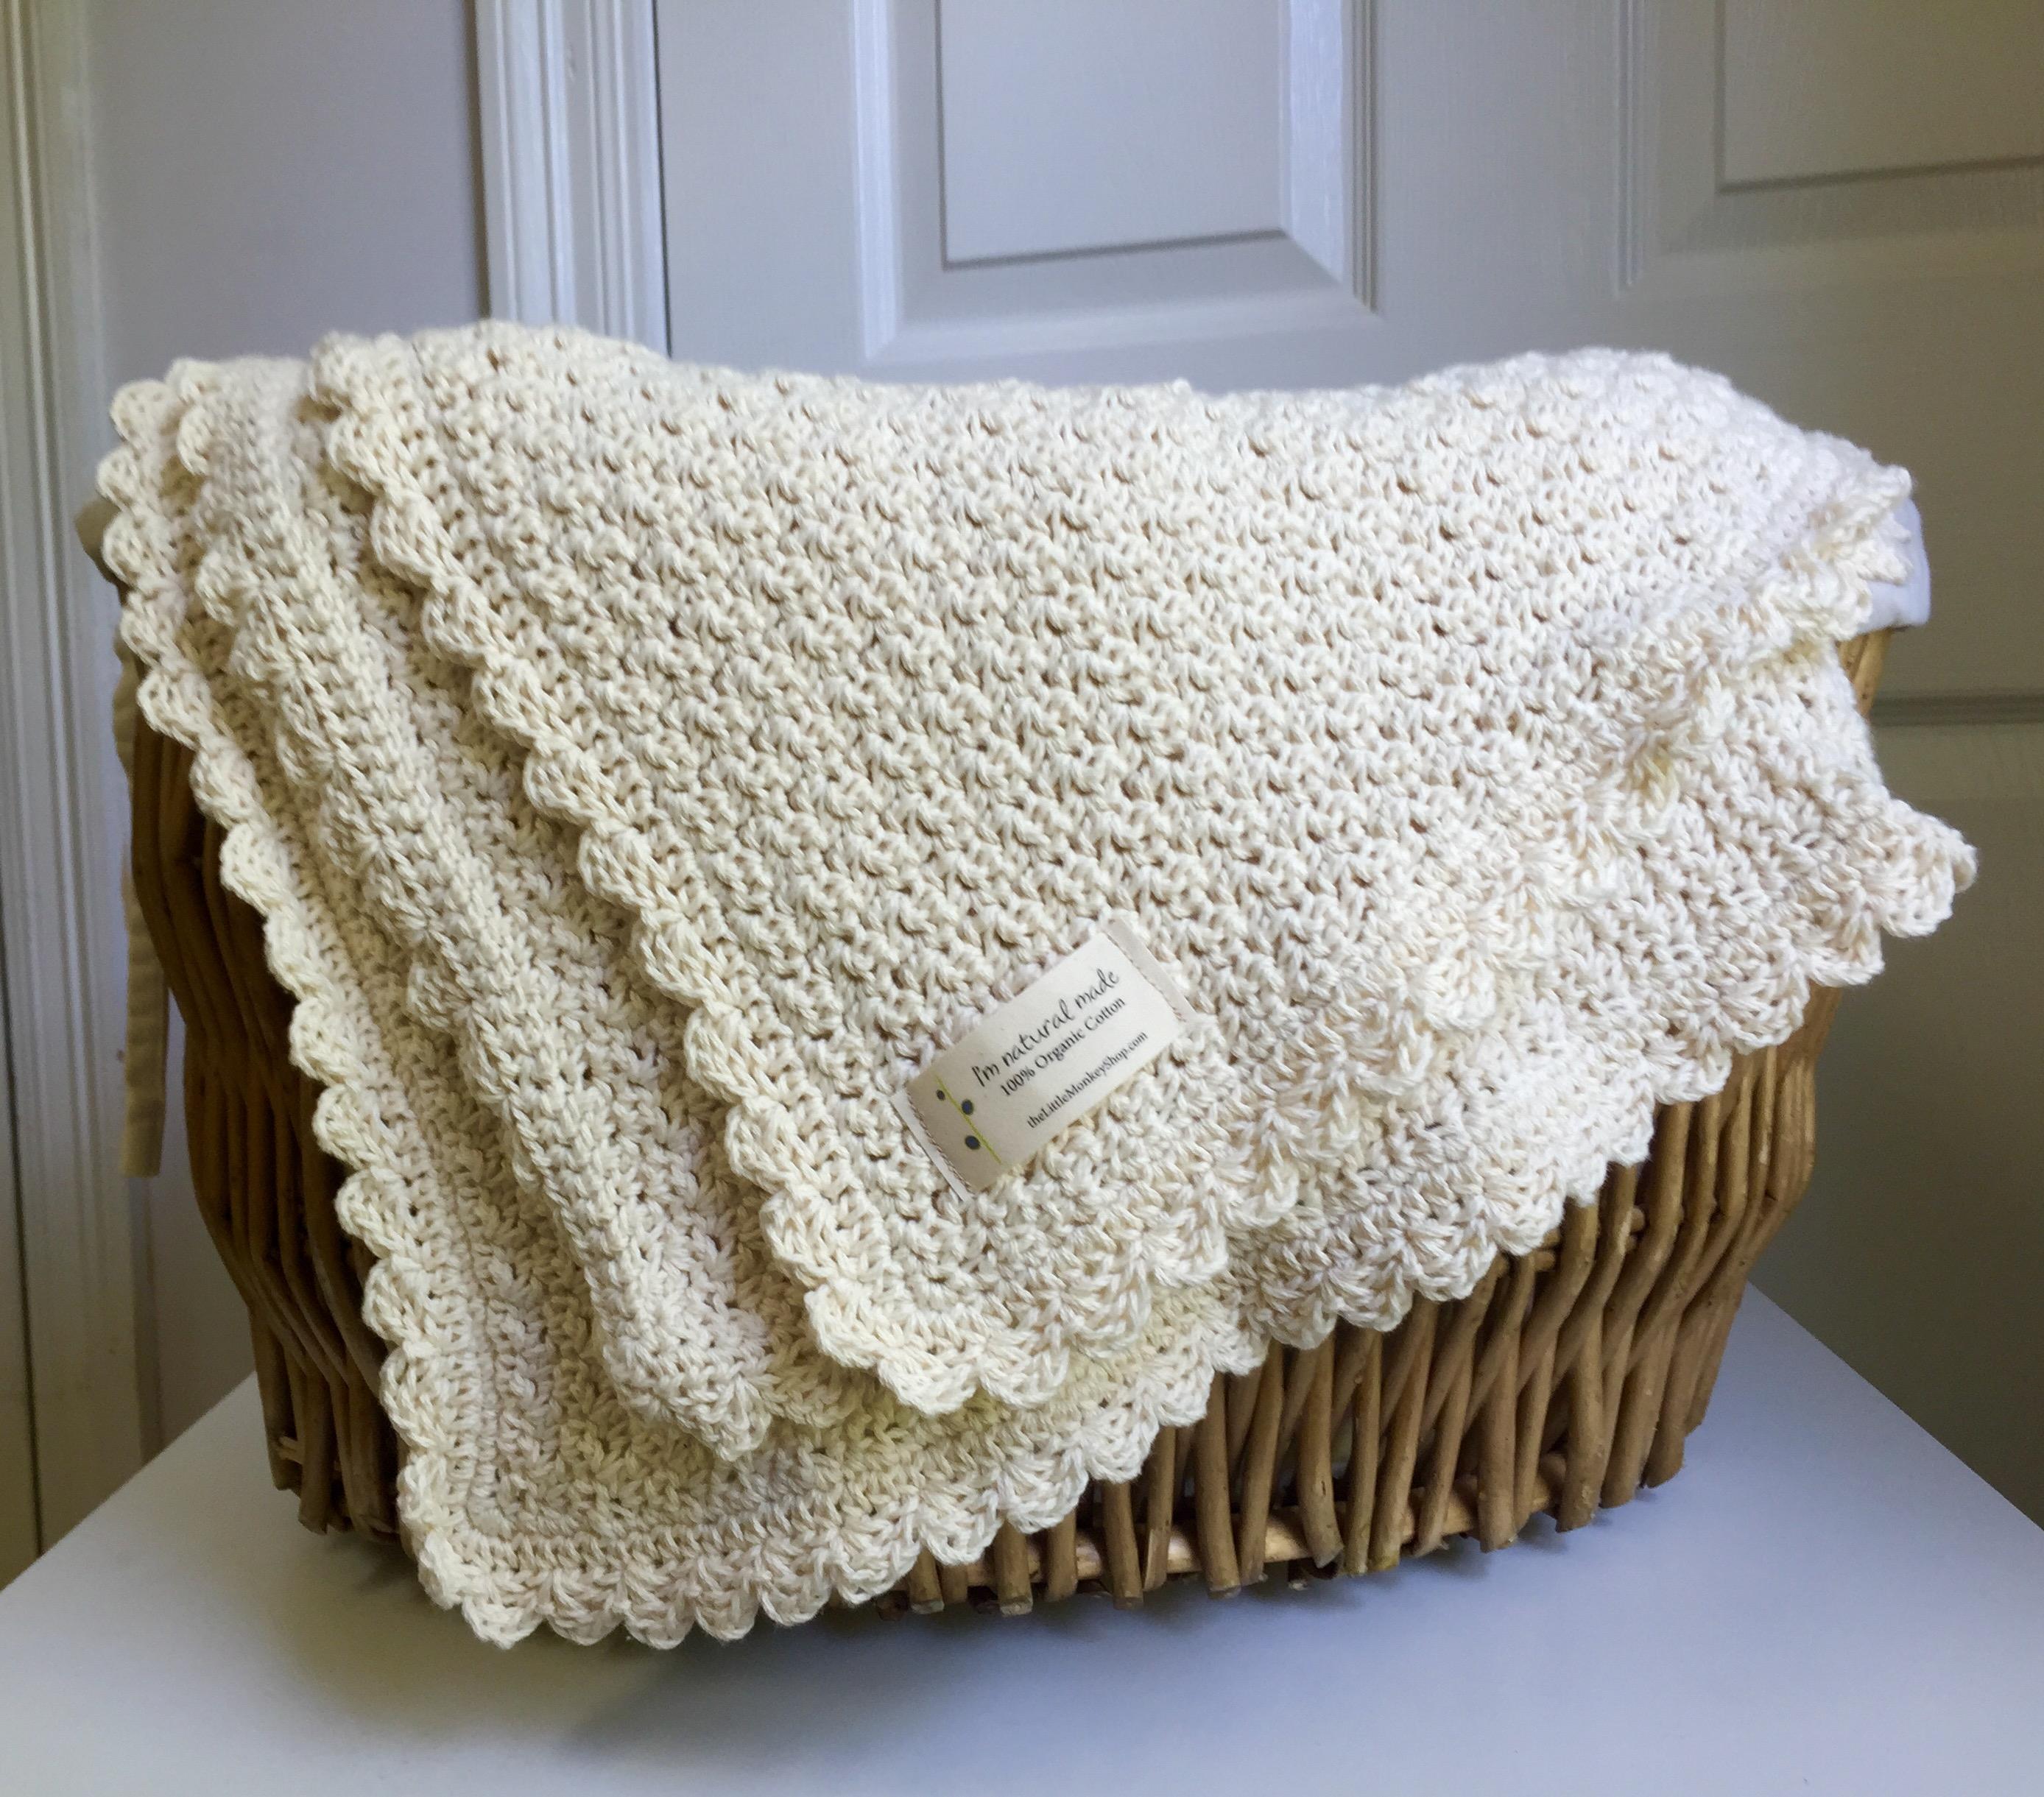 Blanket Crochet Pattern Ba Blanket Crochet Pattern Little Monkeys Designs